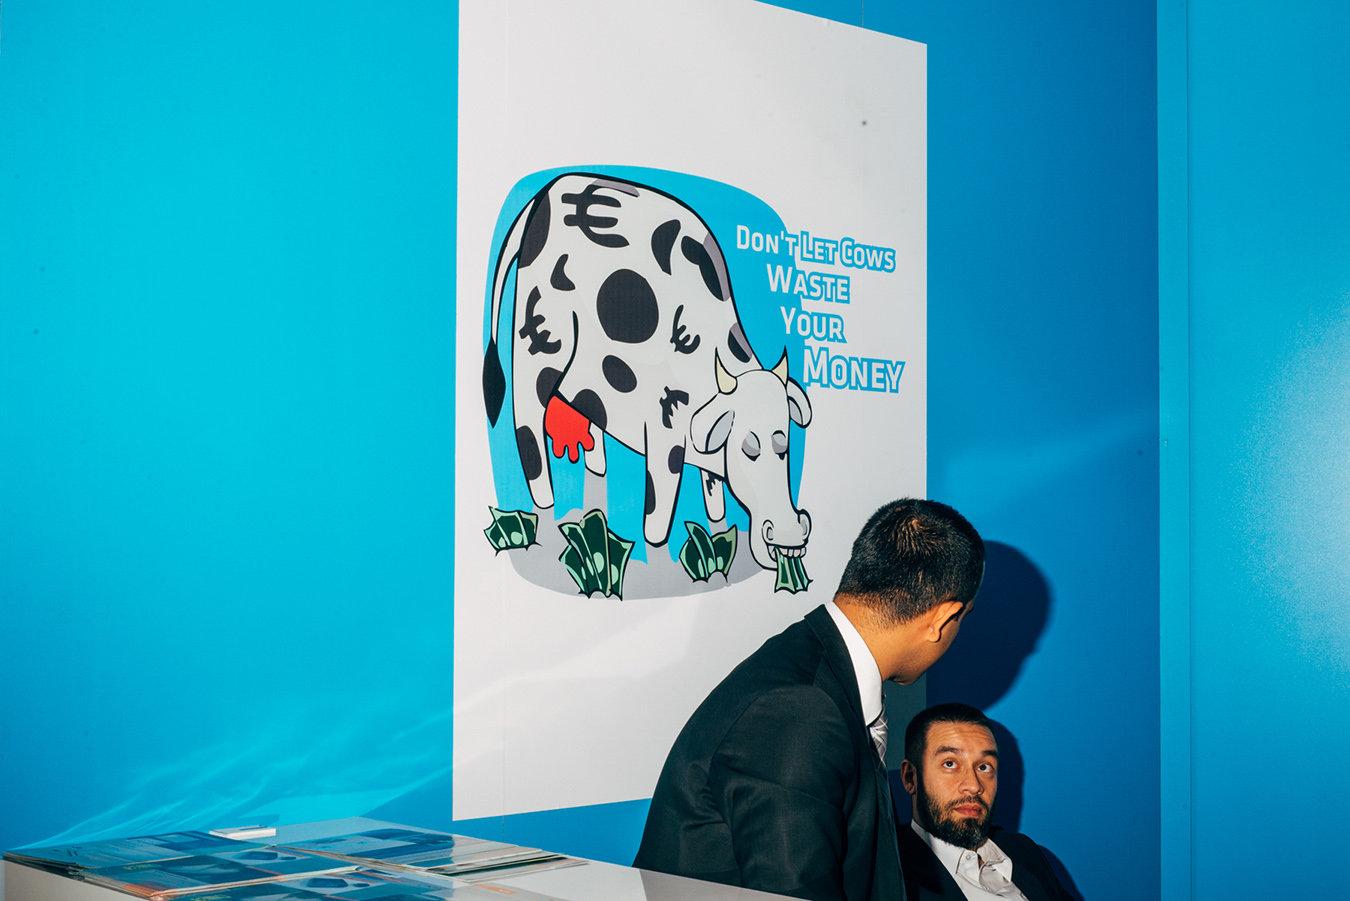 Auf der EuroTier, der weltweit größten Messe für Tierhaltung und -management, ist man sich einem sehr bewusst: Nicht jede Kuh ist eine Cash-Cow